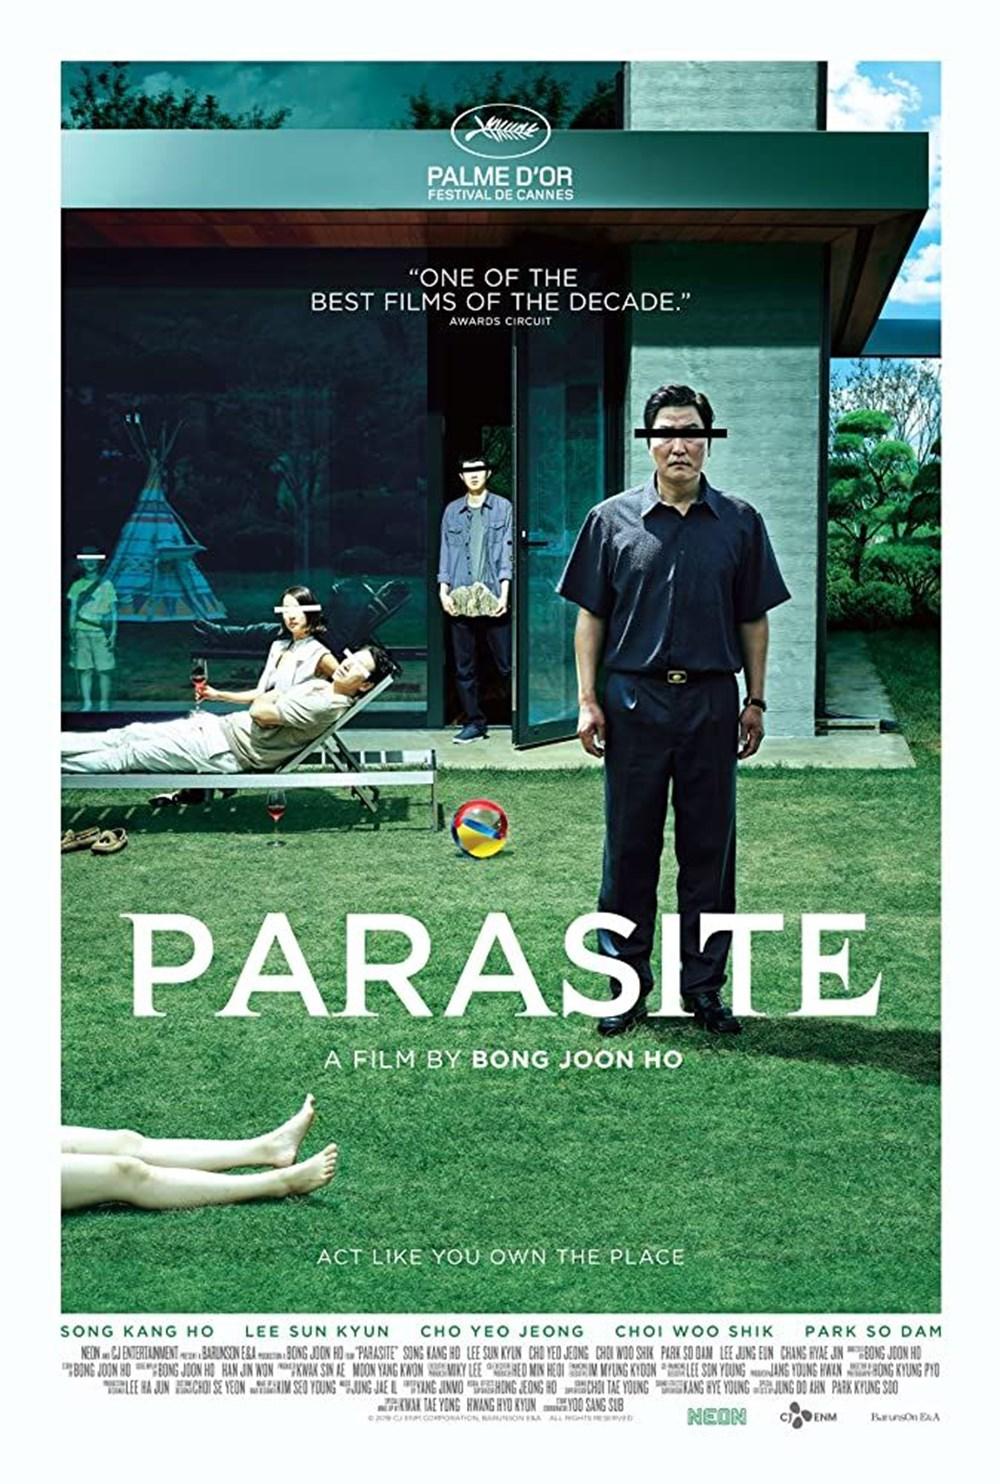 IMDb A'dan Z'ye sıraladı: Alfabetik olarak en popüler filmler - 11